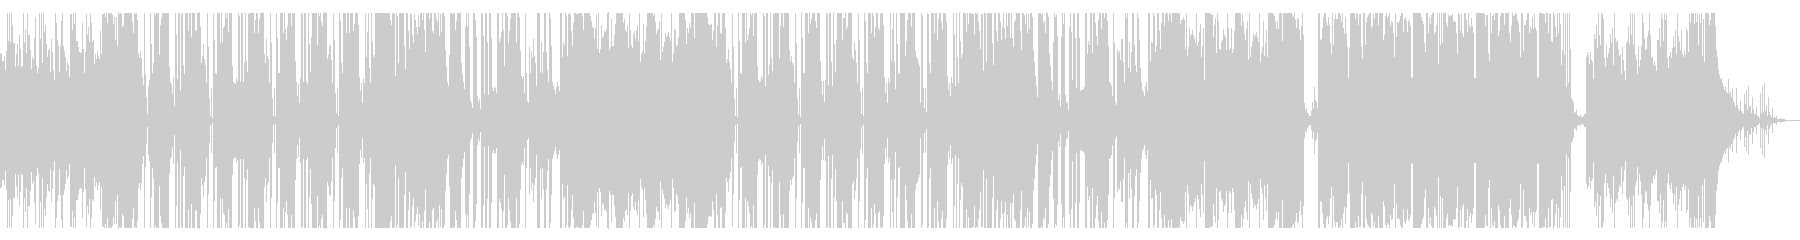 くるみ割り人形/ダウンテンポ/トラップの未再生の波形